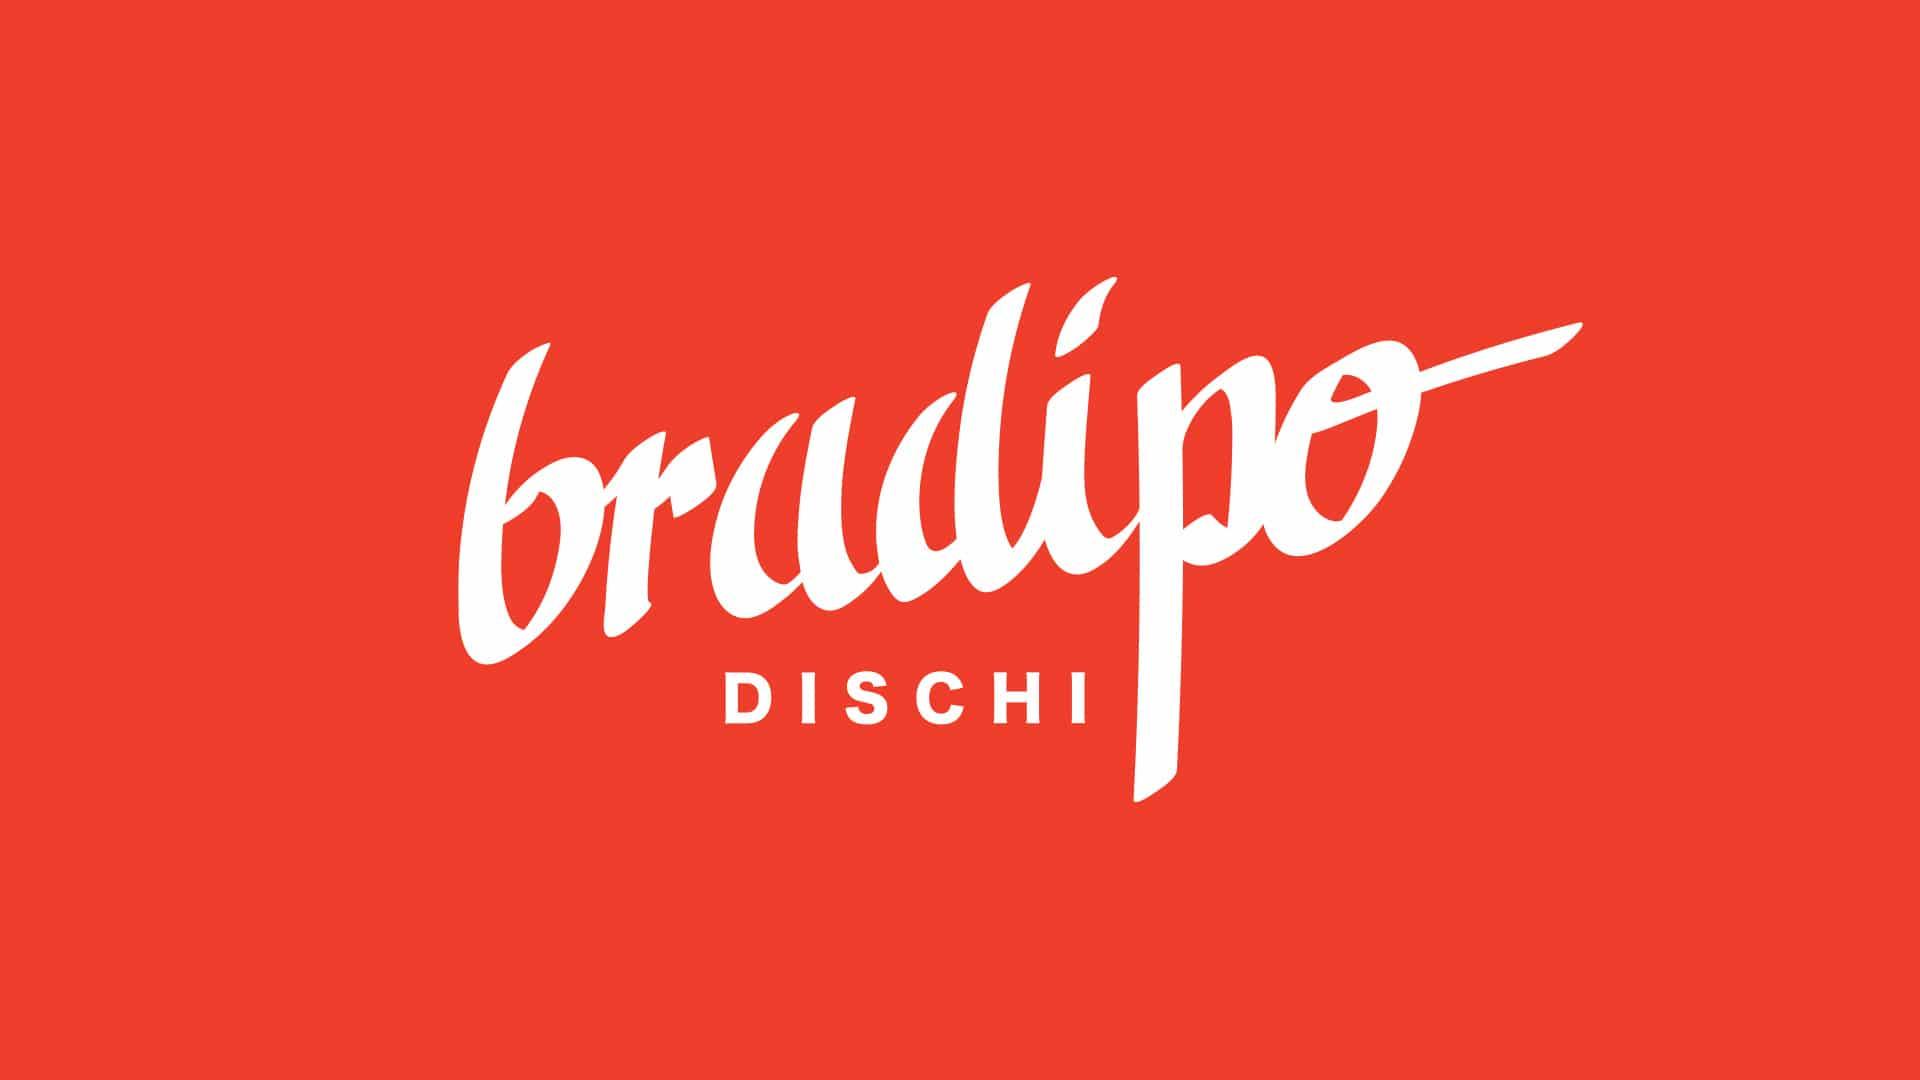 09 grafico milano logotype bradipo dischi